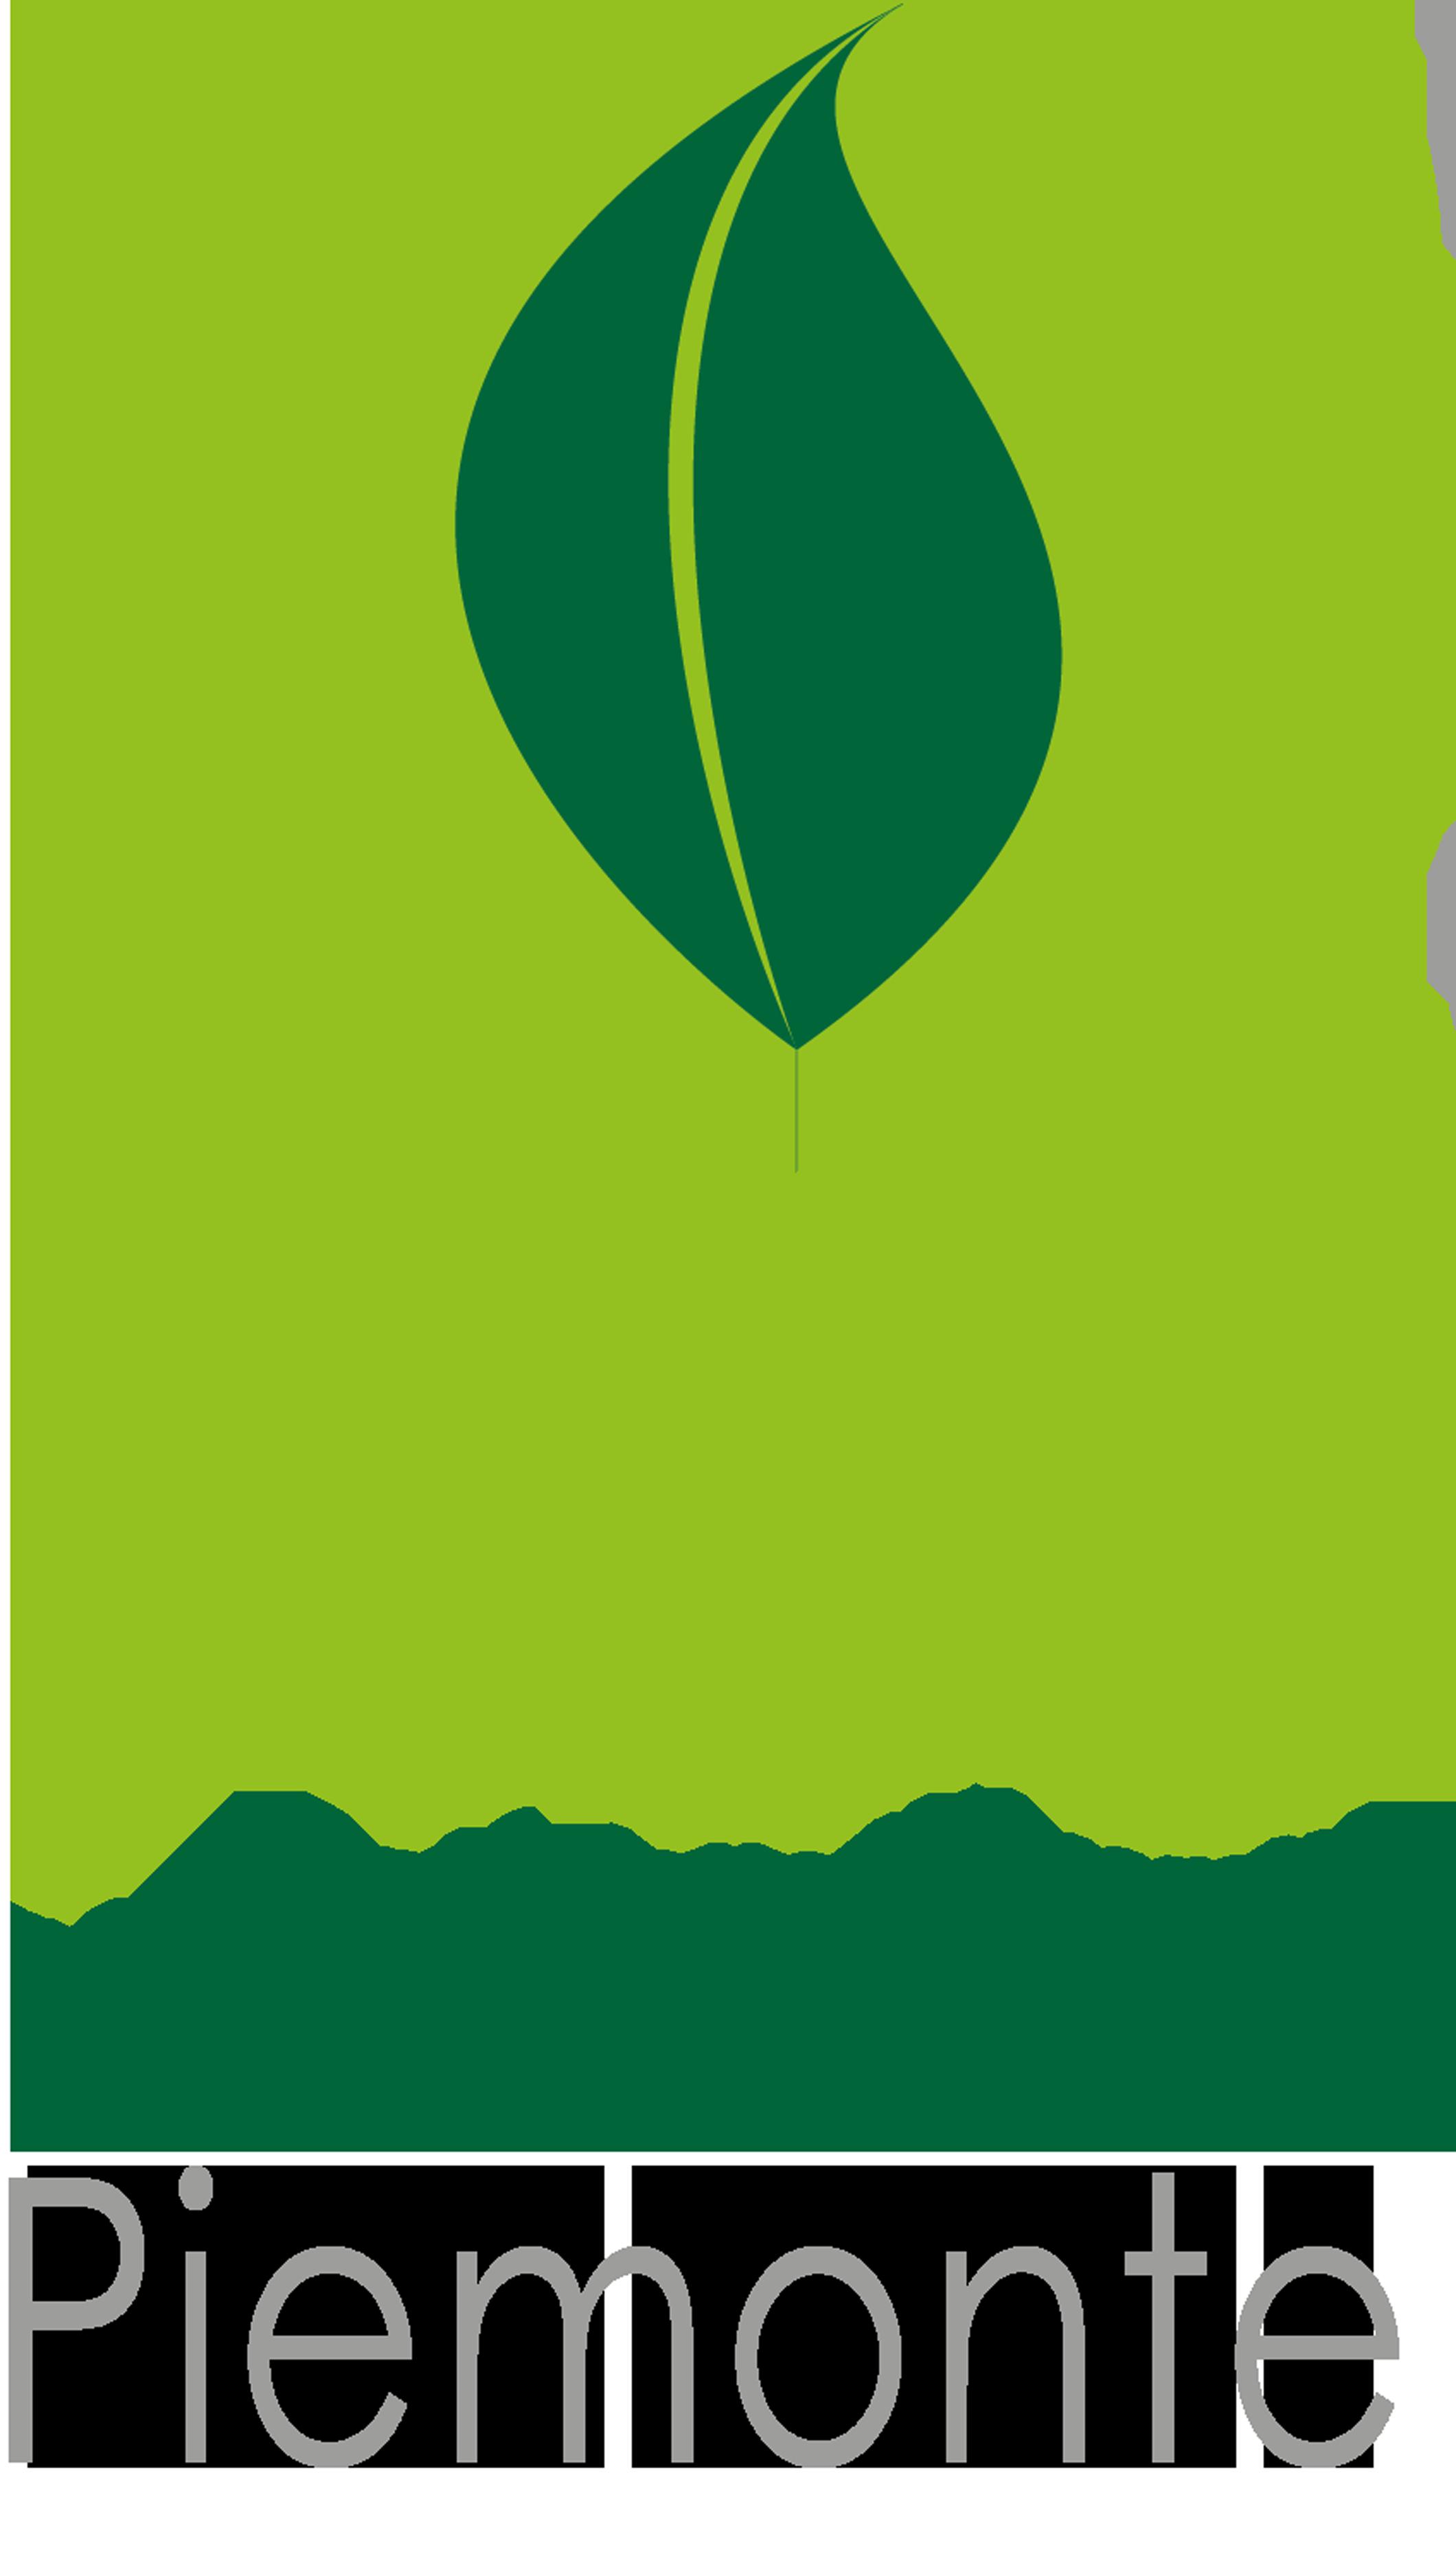 RUS Piemonte